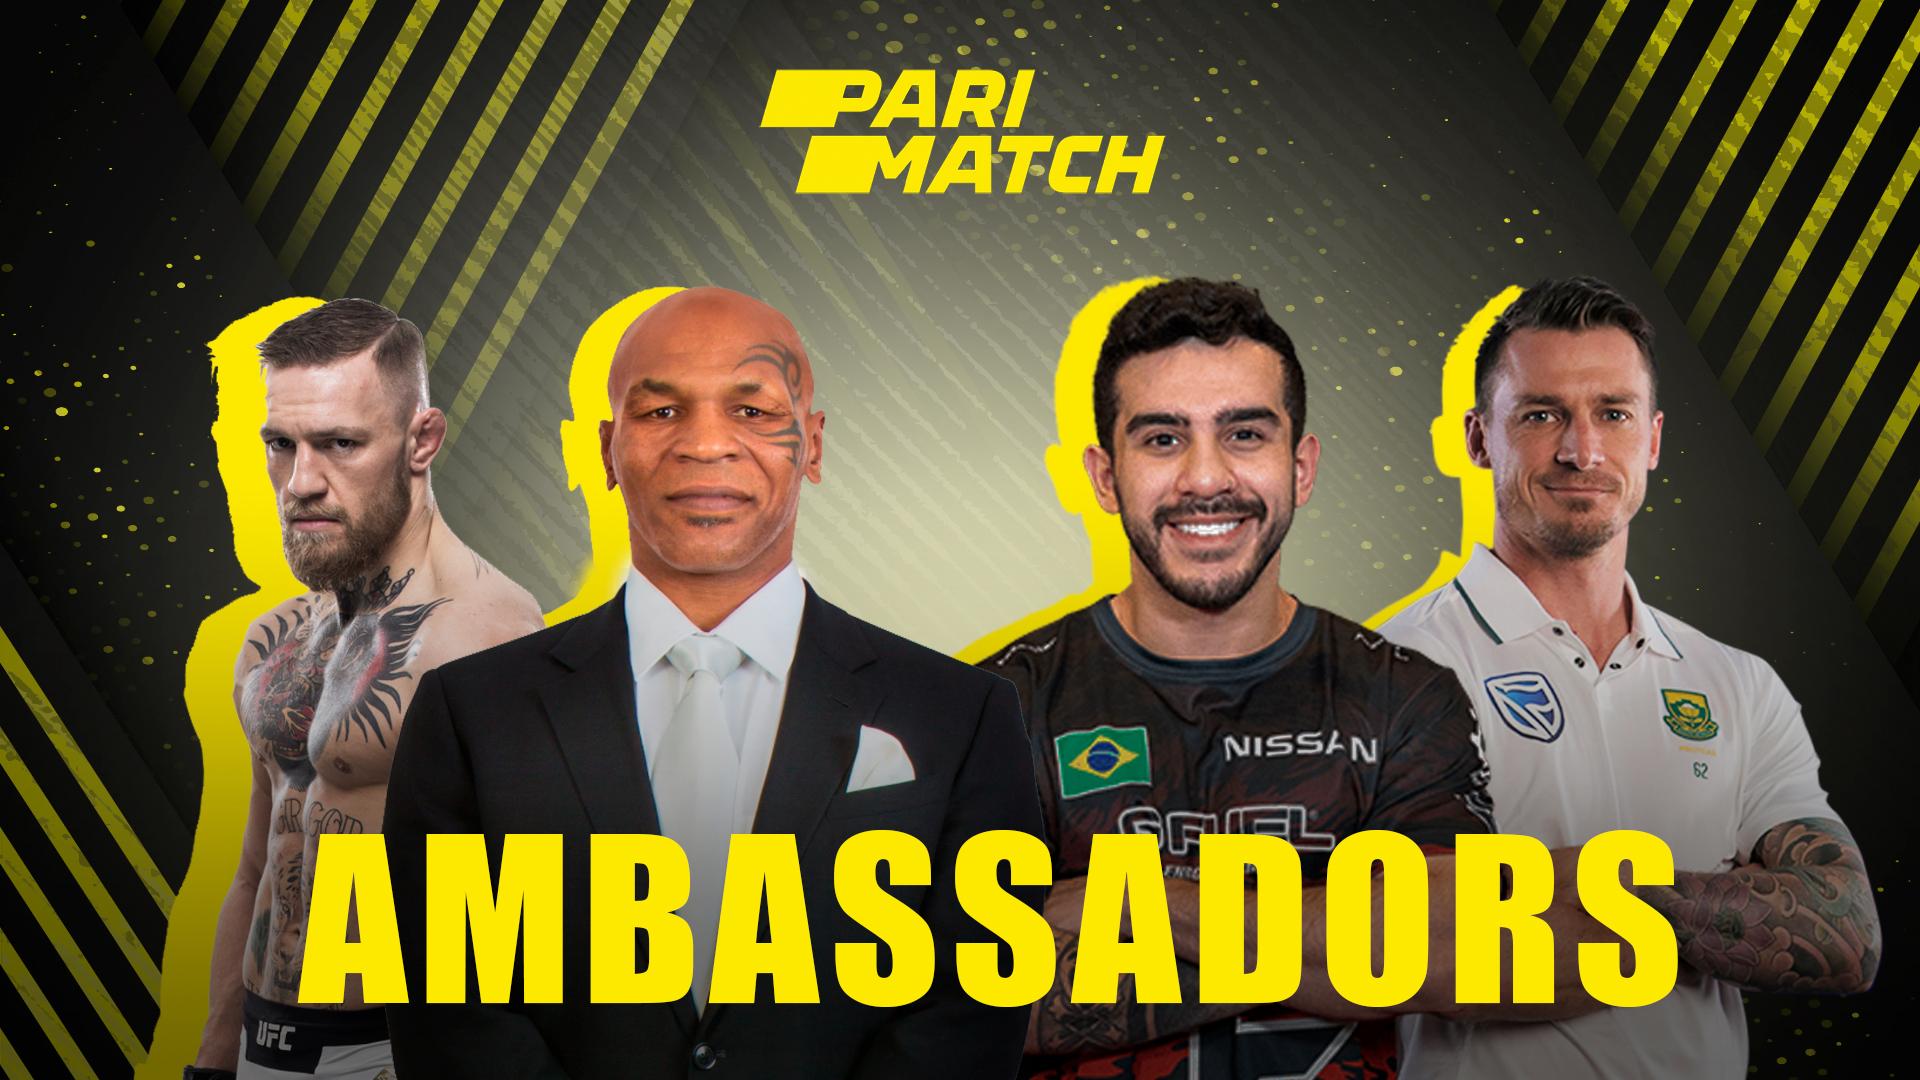 Famous sportsmen support Parimatch.